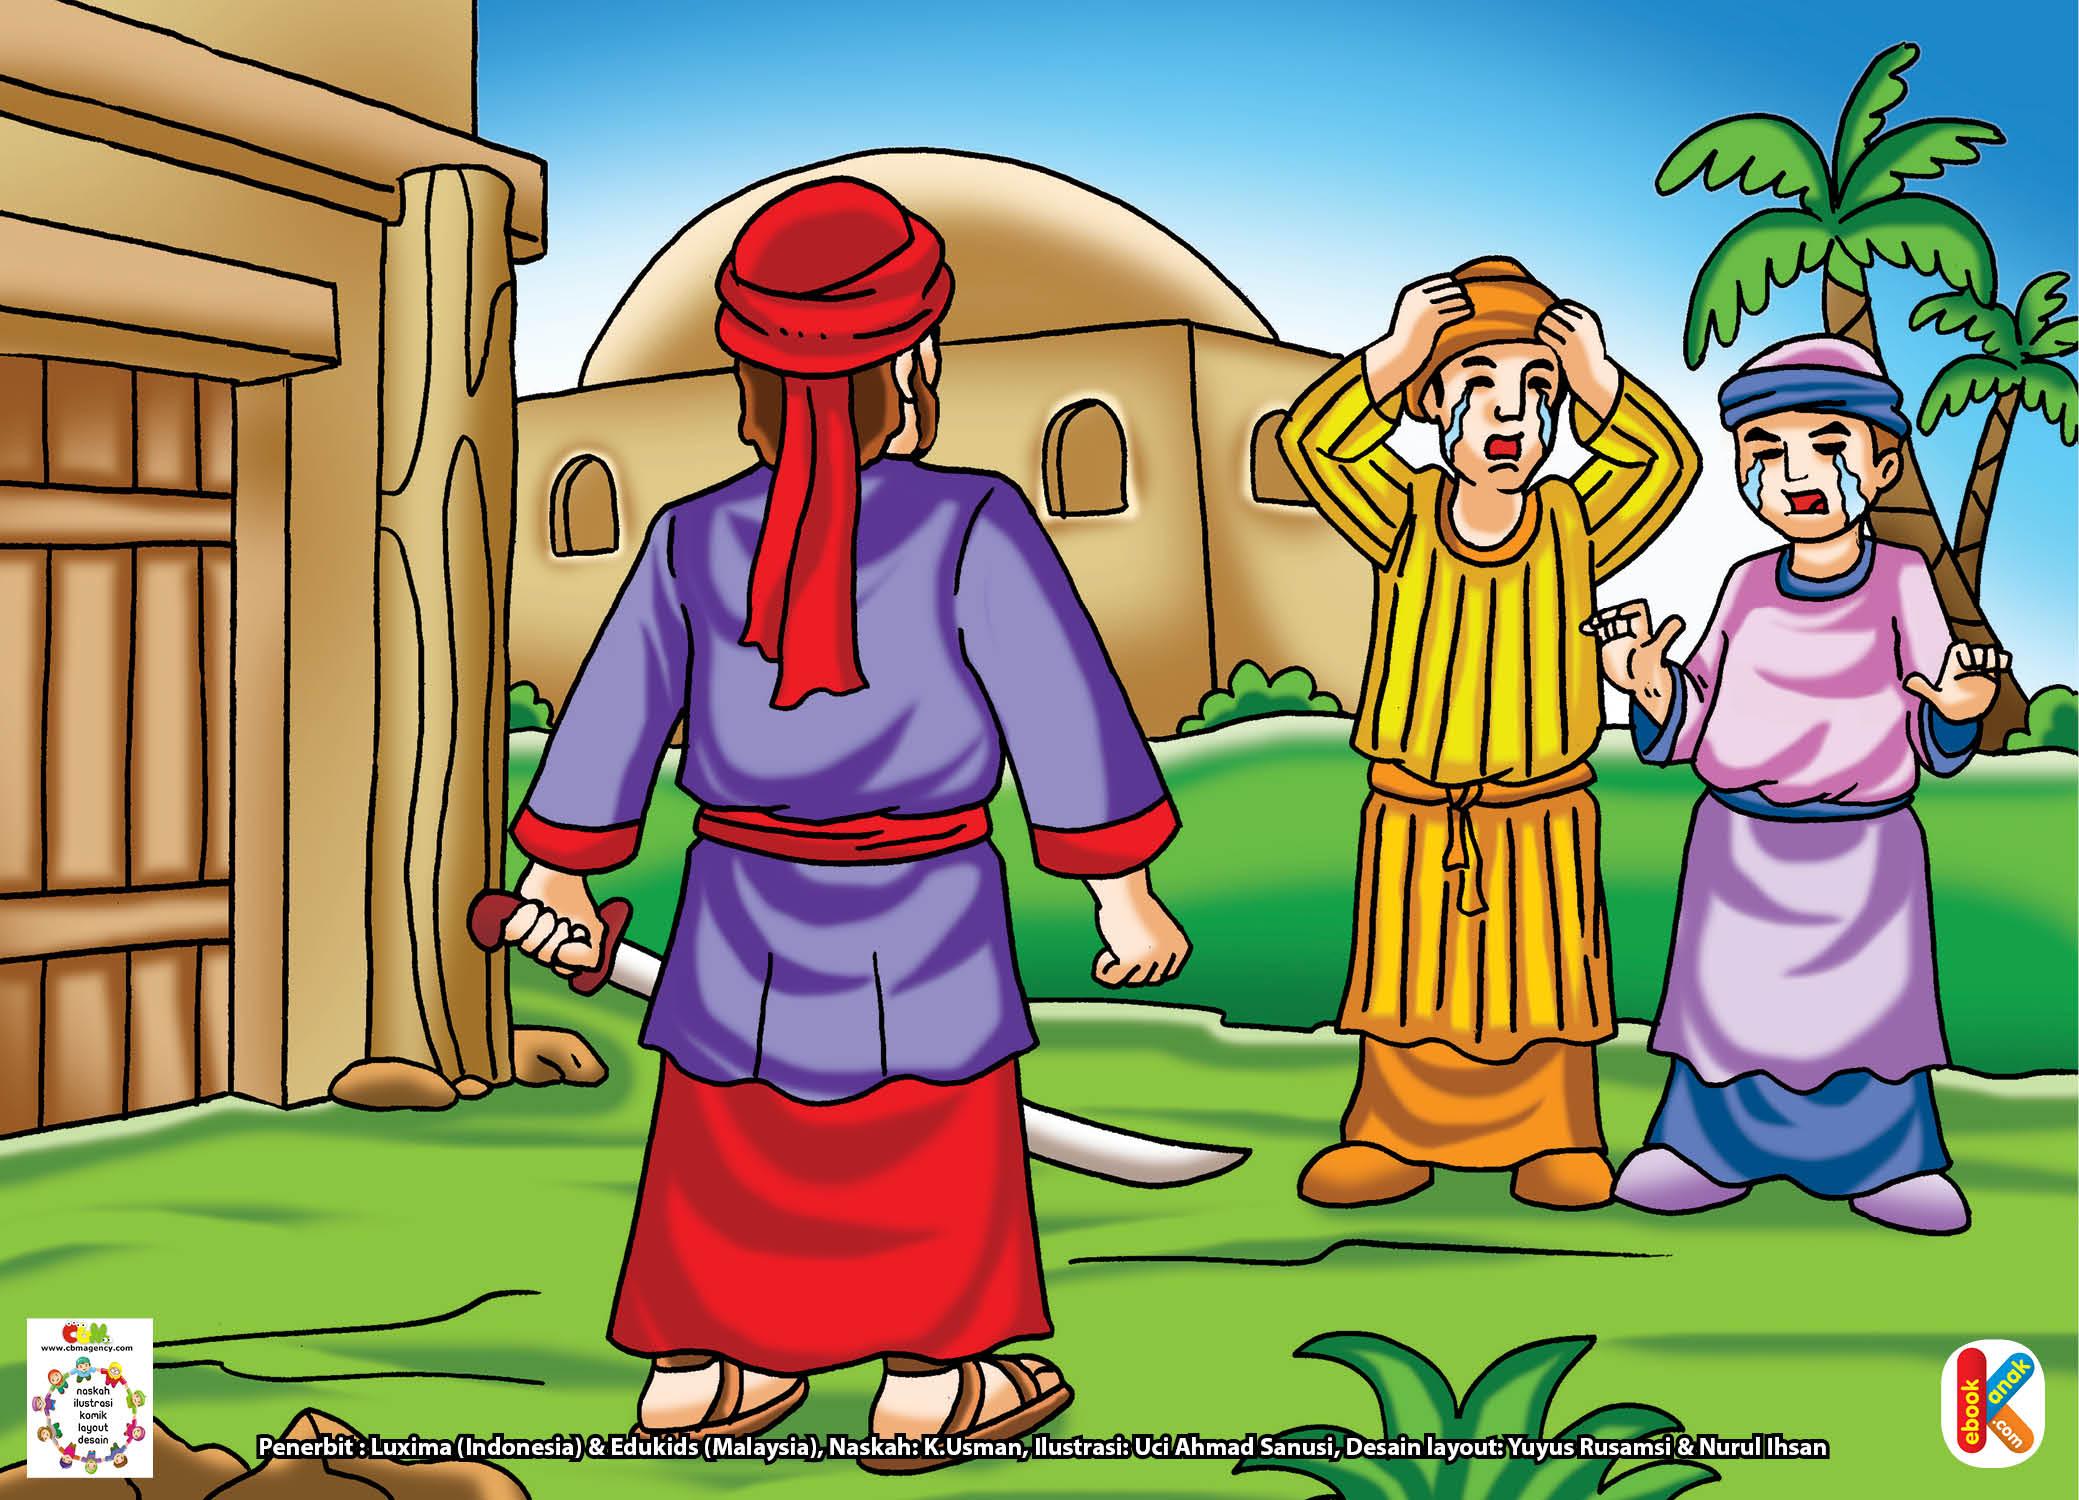 Umar bin Khatab berdiri tegap sambil menancapkan pedang di depannya.